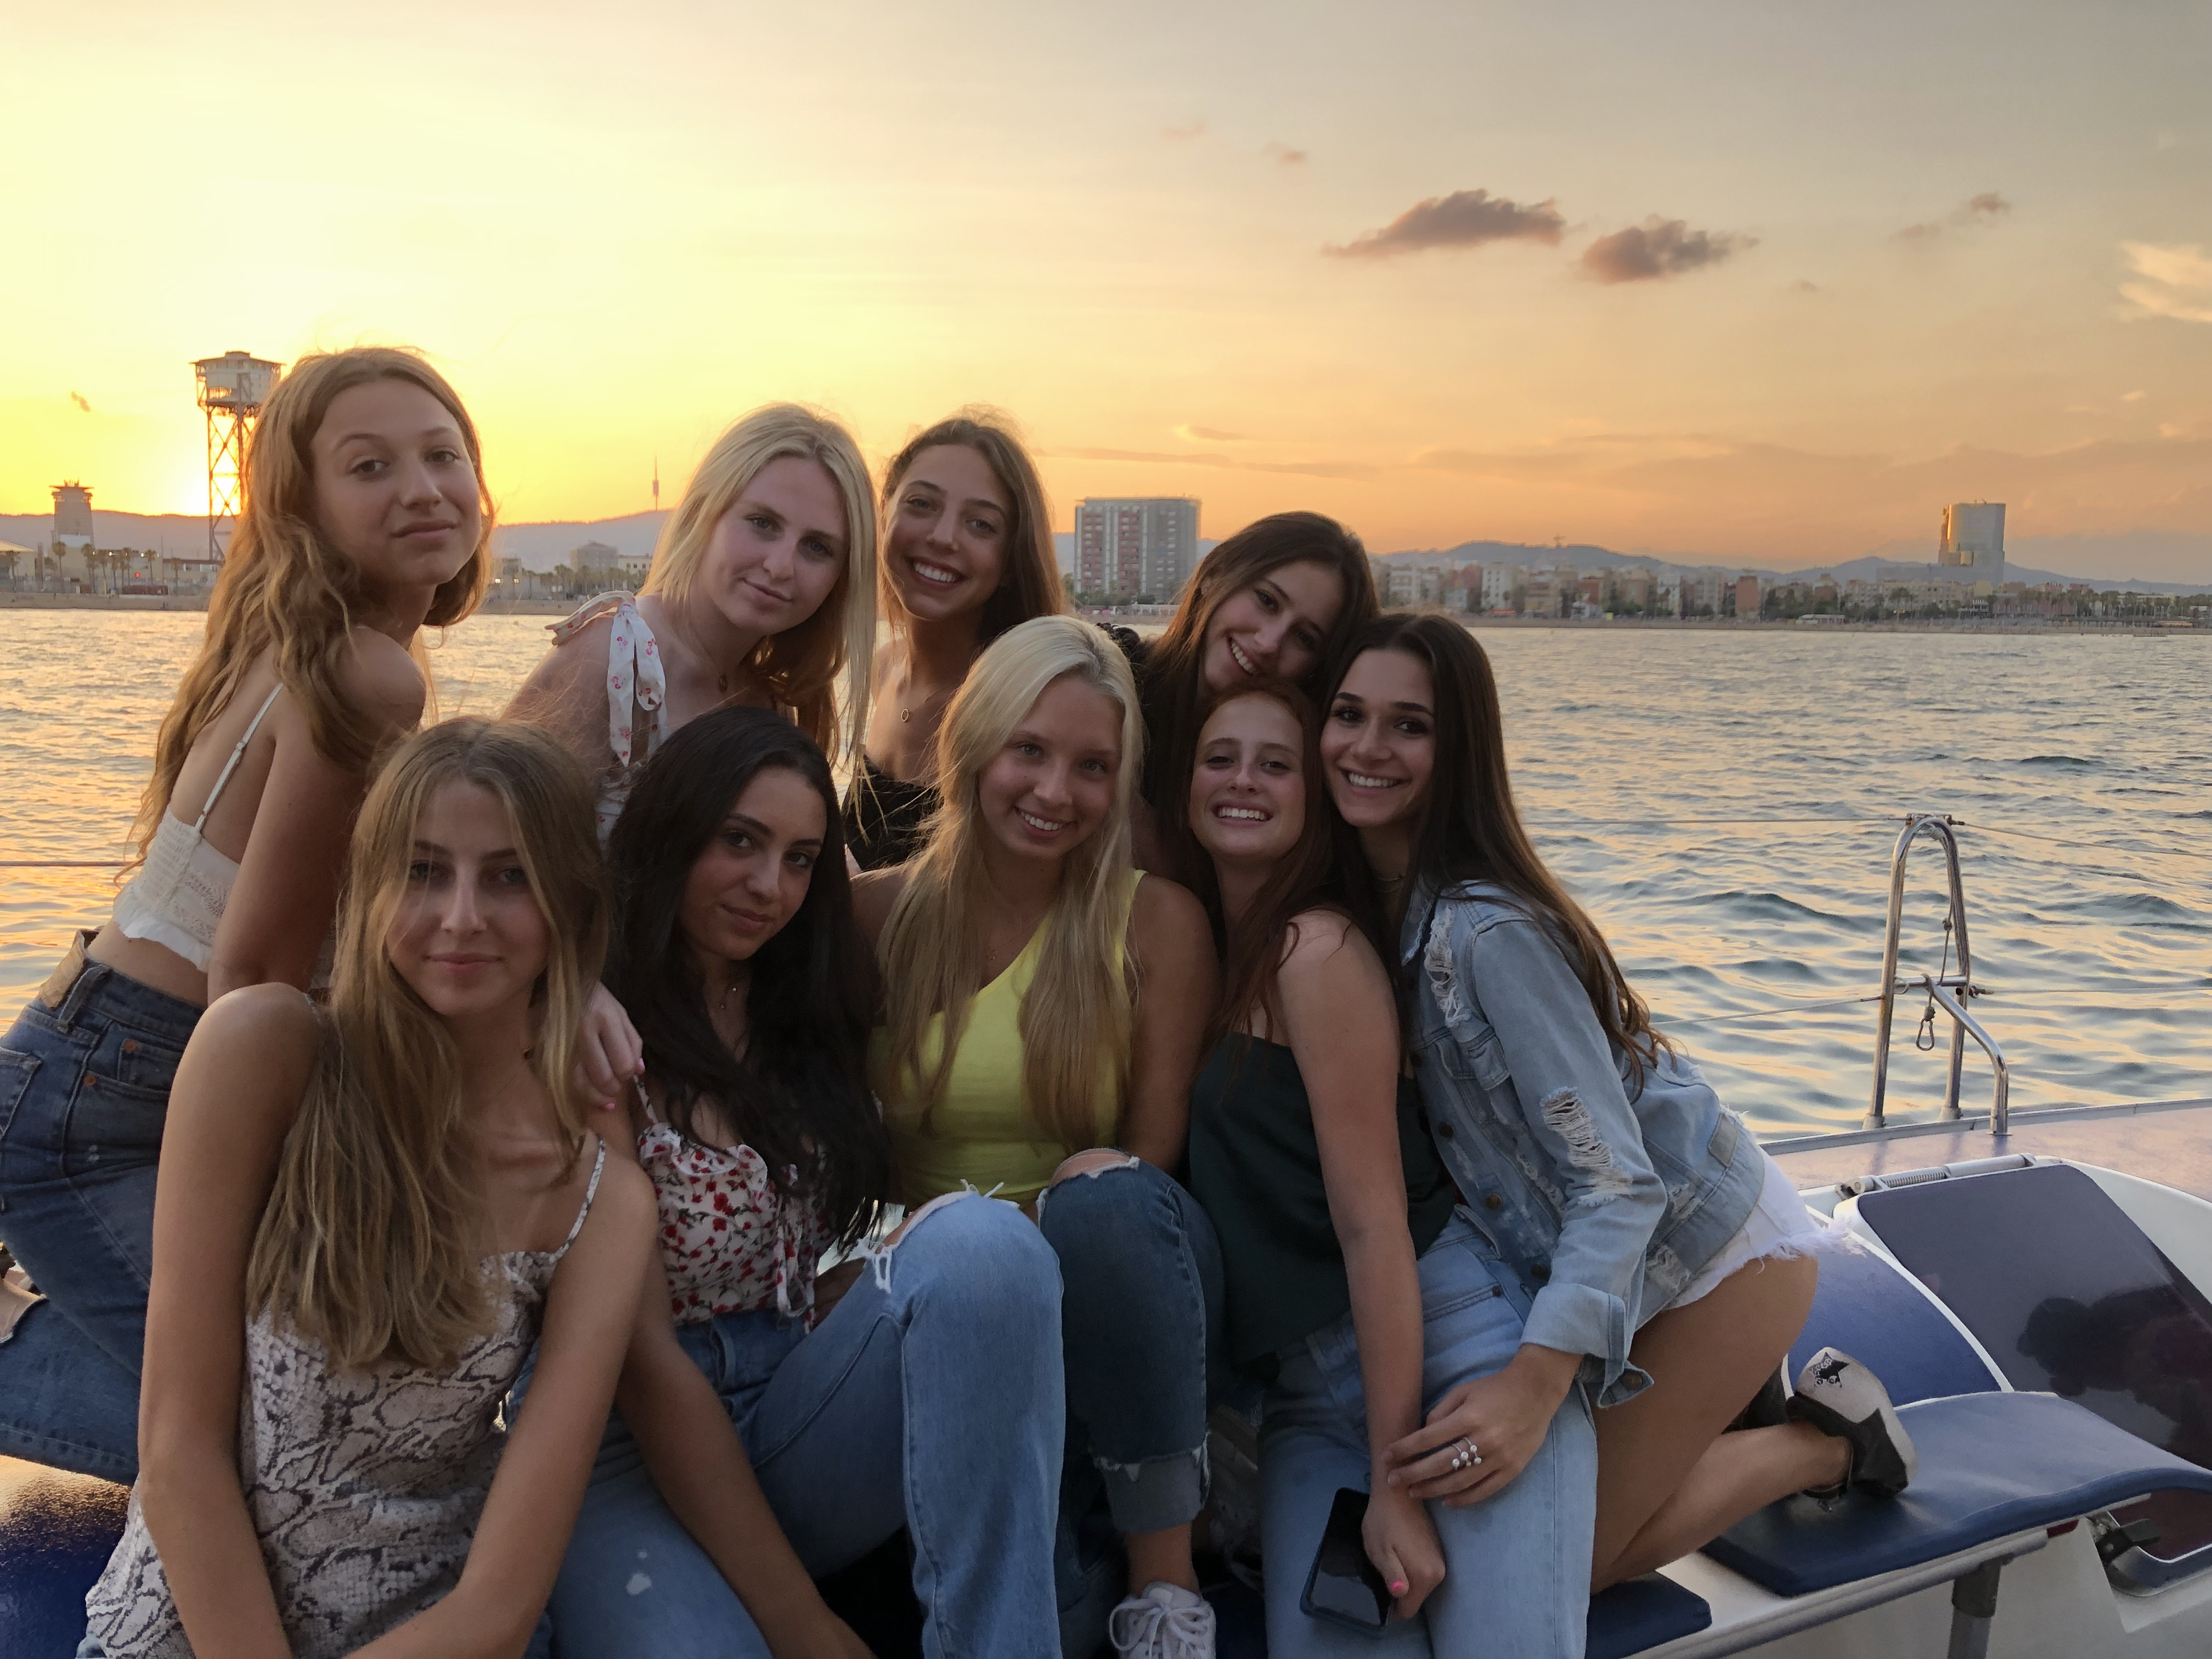 ACA summer fun on a boat